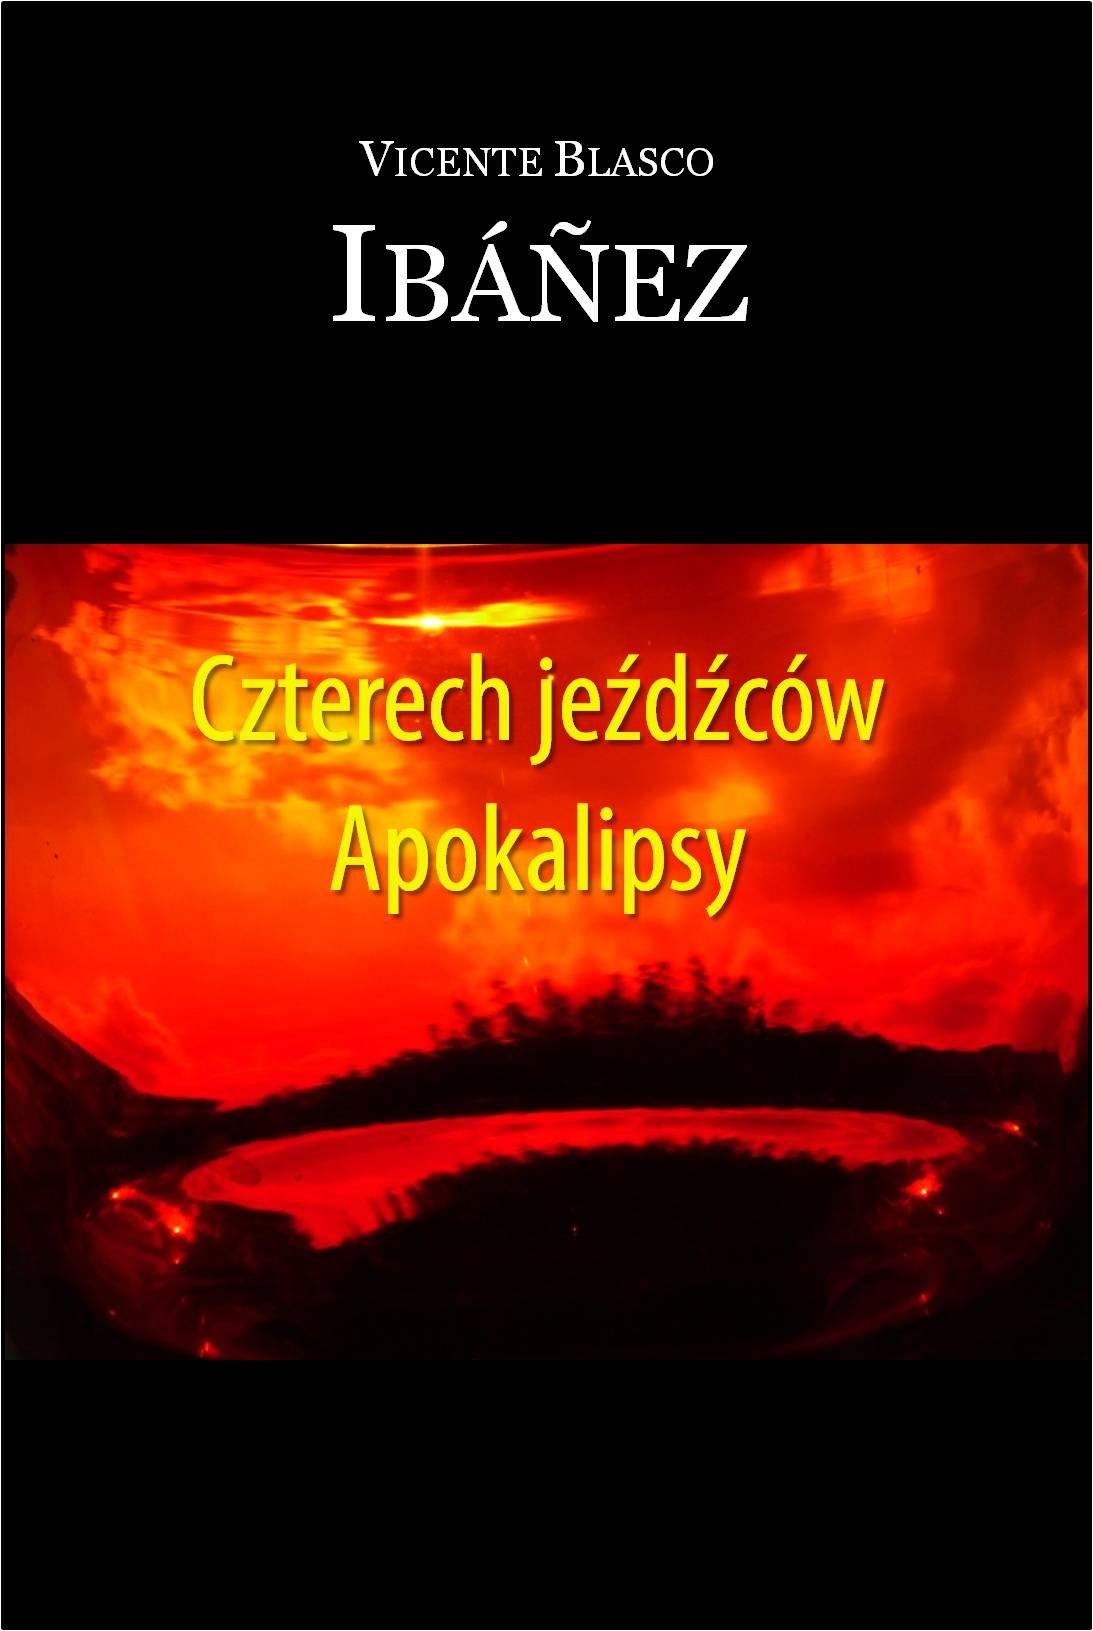 Czterech jeźdźców Apokalipsy - Ebook (Książka EPUB) do pobrania w formacie EPUB